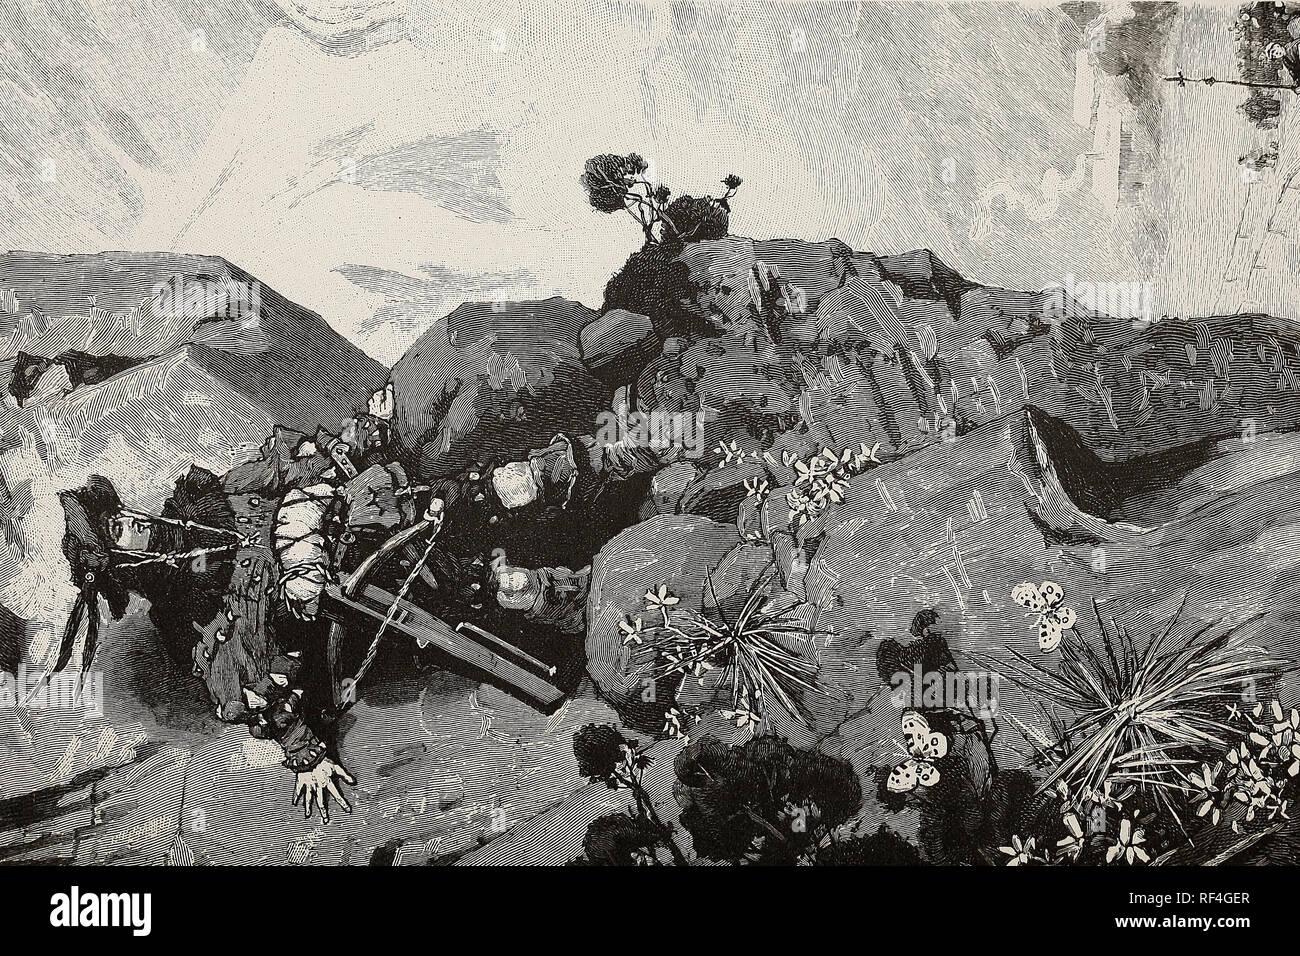 Les aventures de Maximilien - Le jeune héritier de l'empire mort échappe de justesse par une chute dans les Alpes Photo Stock